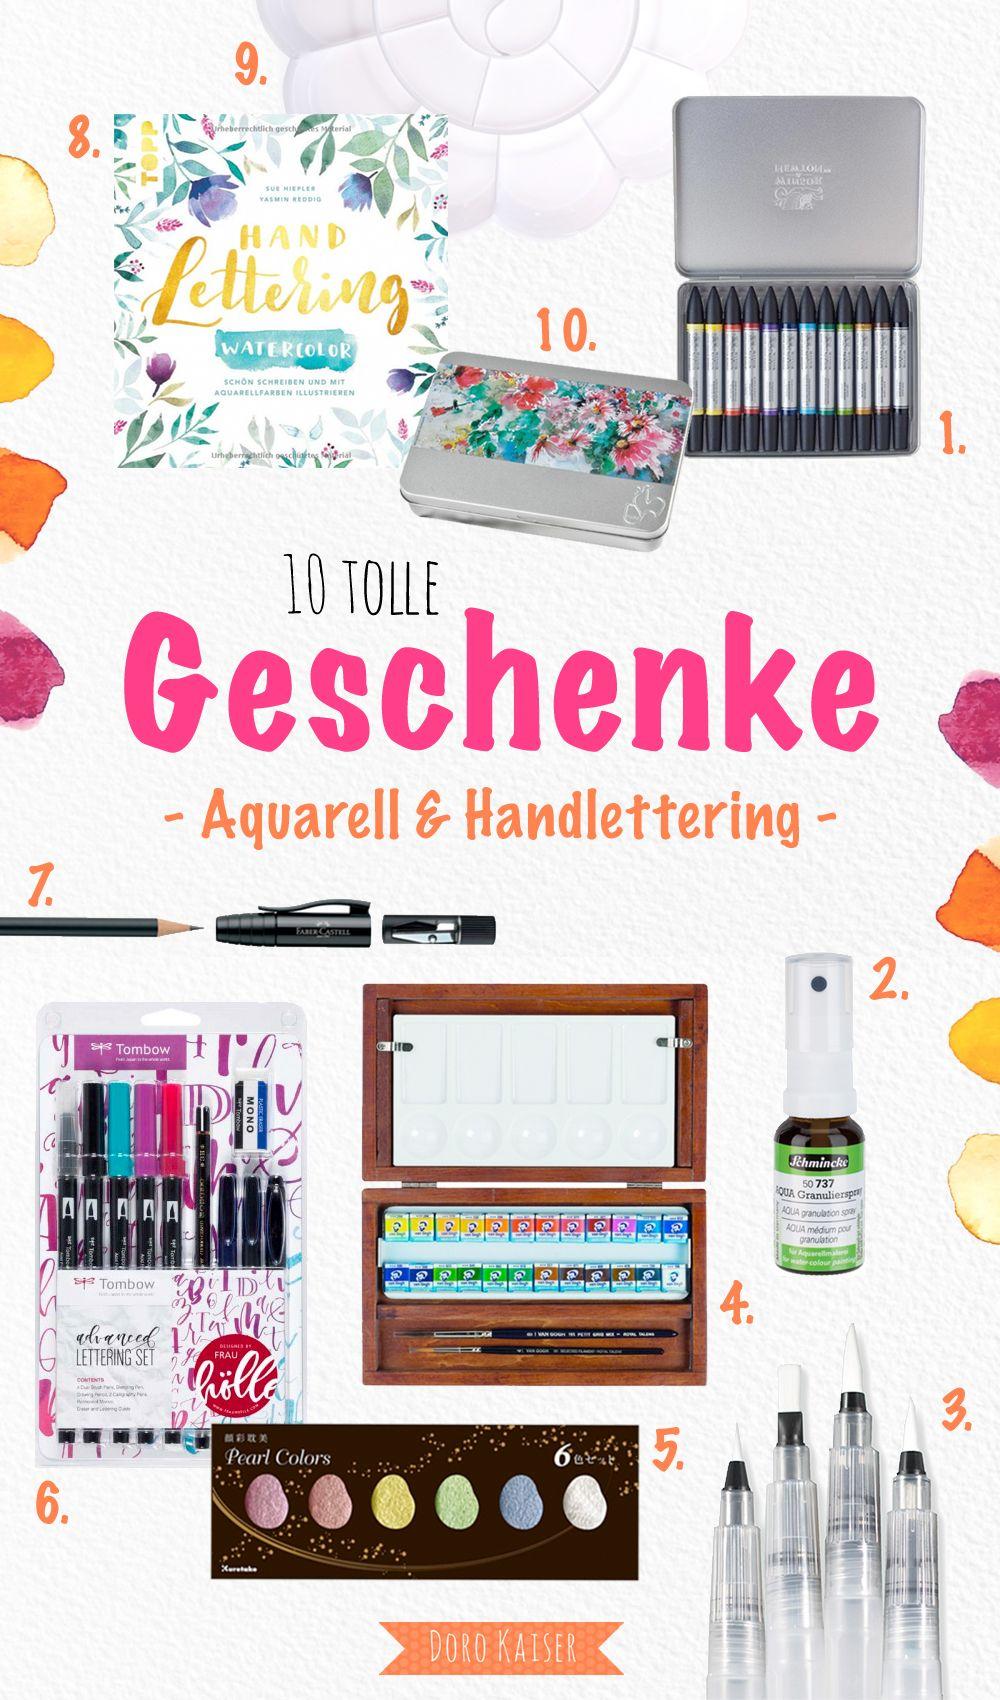 10 tolle Geschenkideen - Geschenke für alle, die Aquarell und Handlettering lieben | www.dorokaiser.online.de